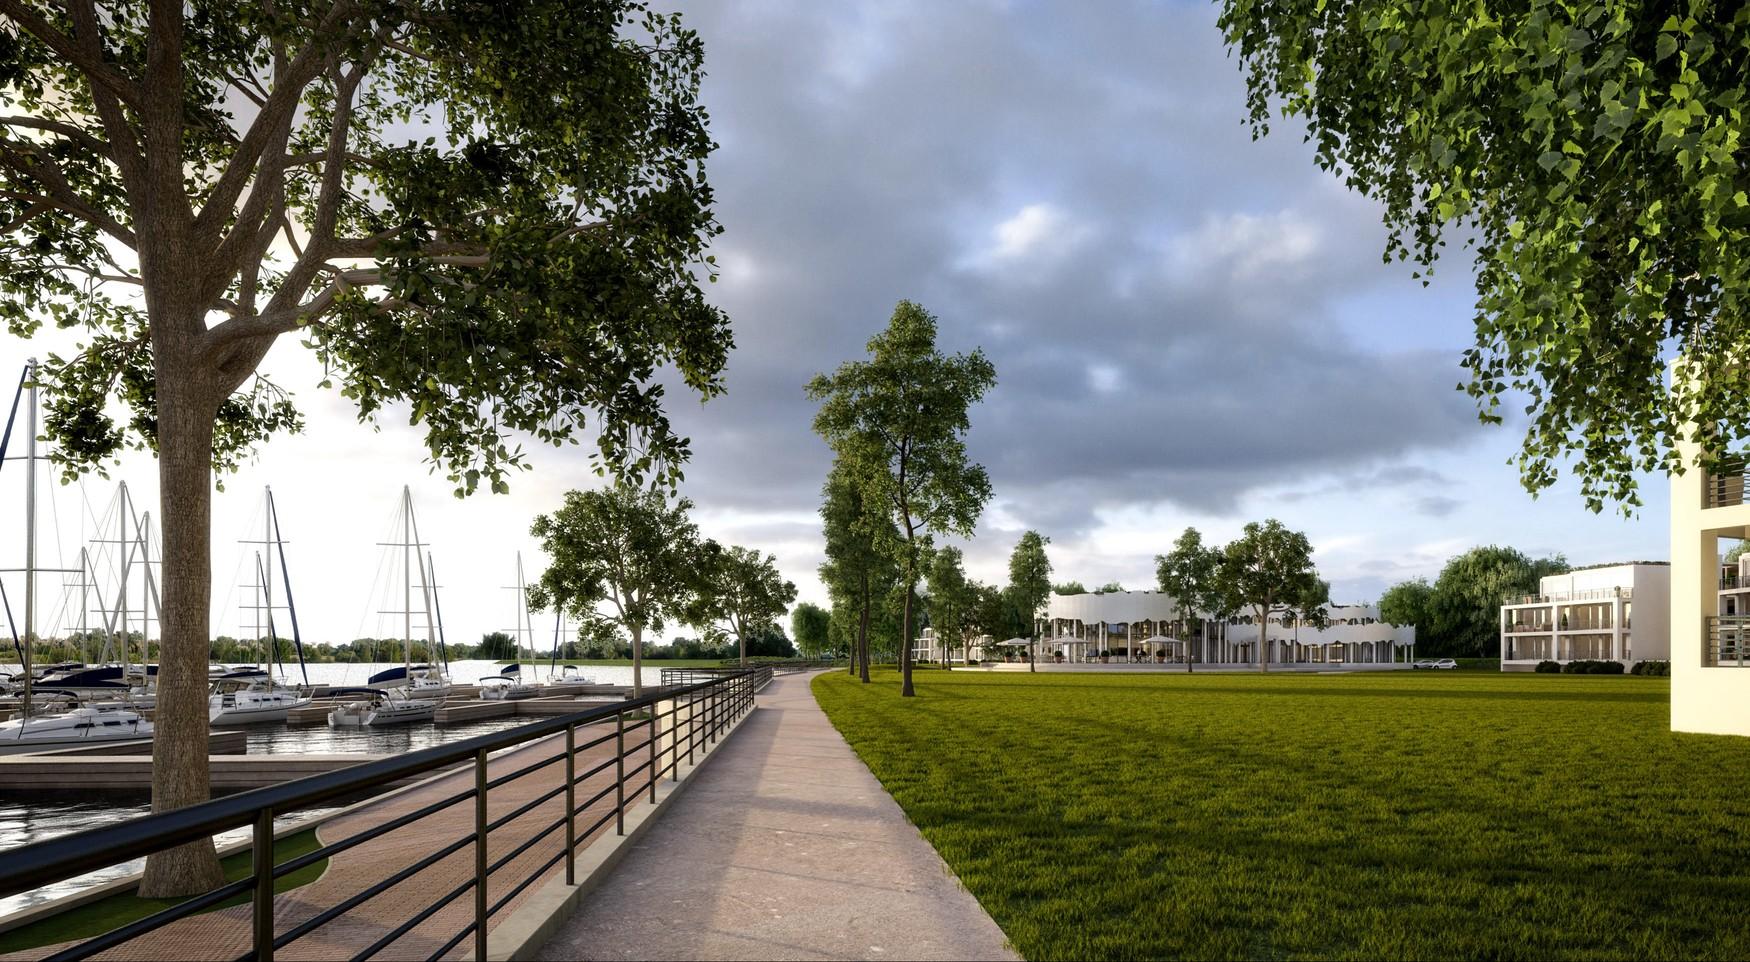 Yachthafen Resort und Spa in Waren (Müritz), Objektbeschreibung Bild 1